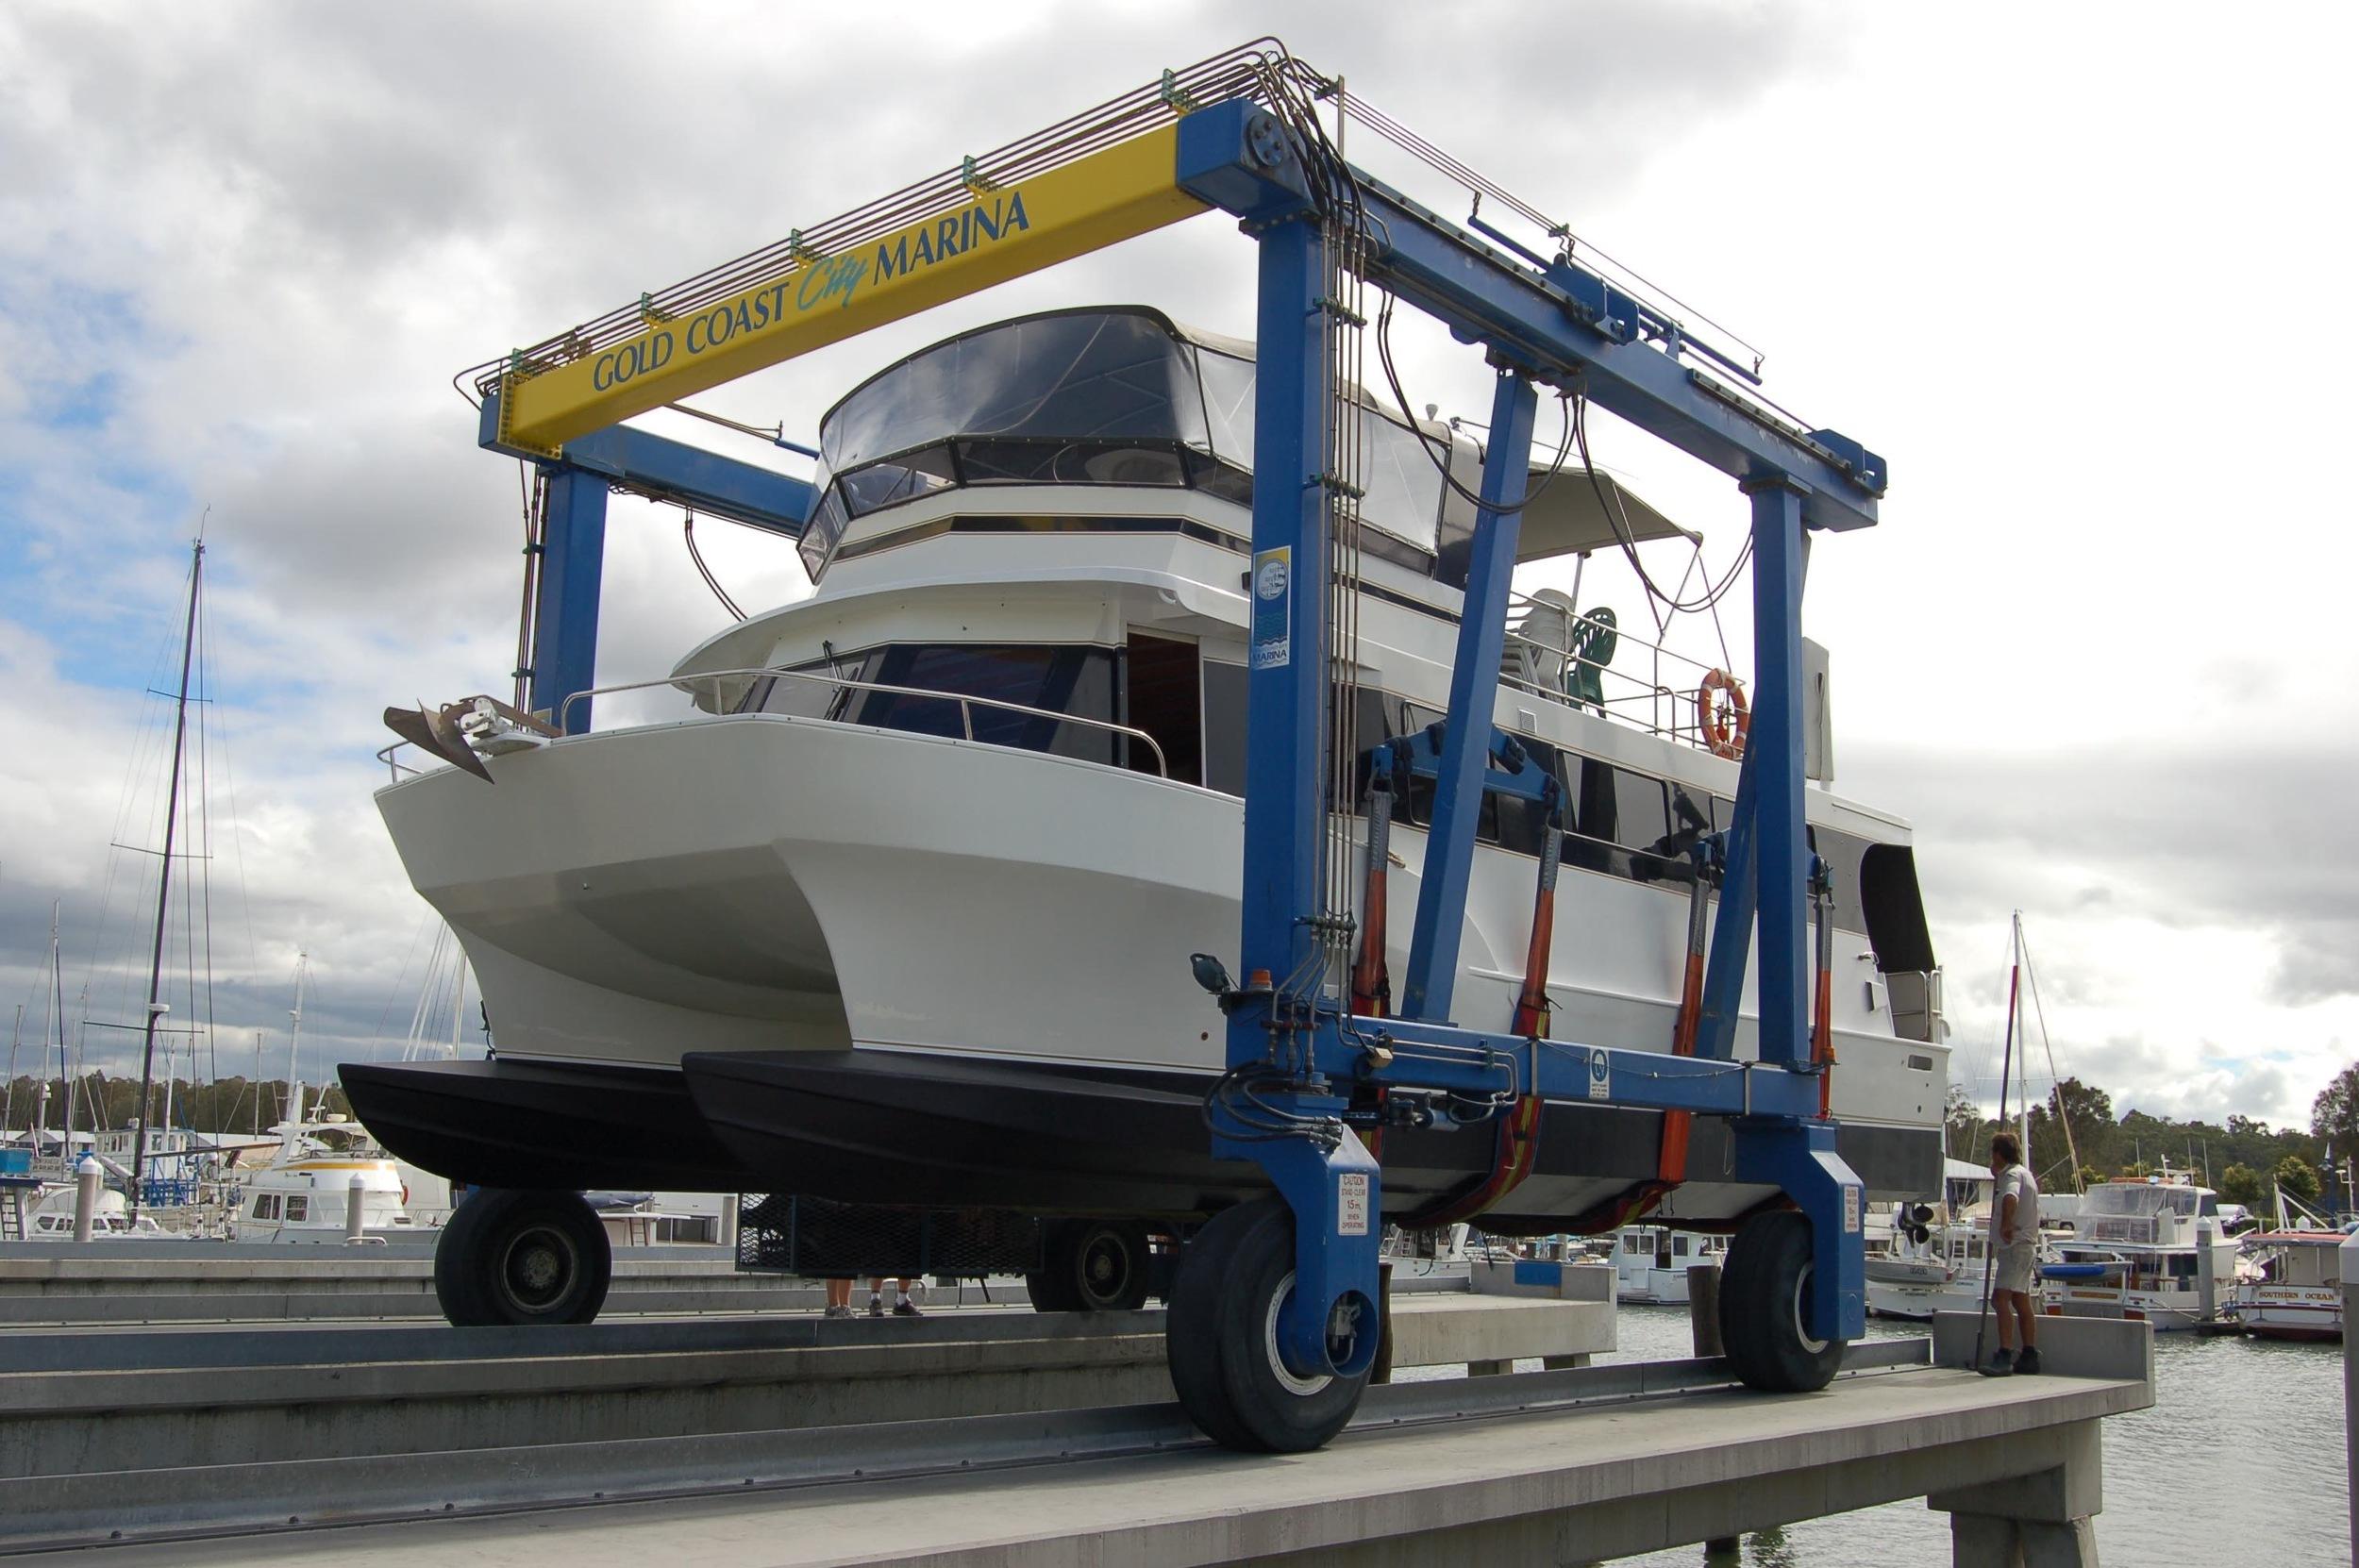 Gold Coast City Marina Travel Lift 250 Tons